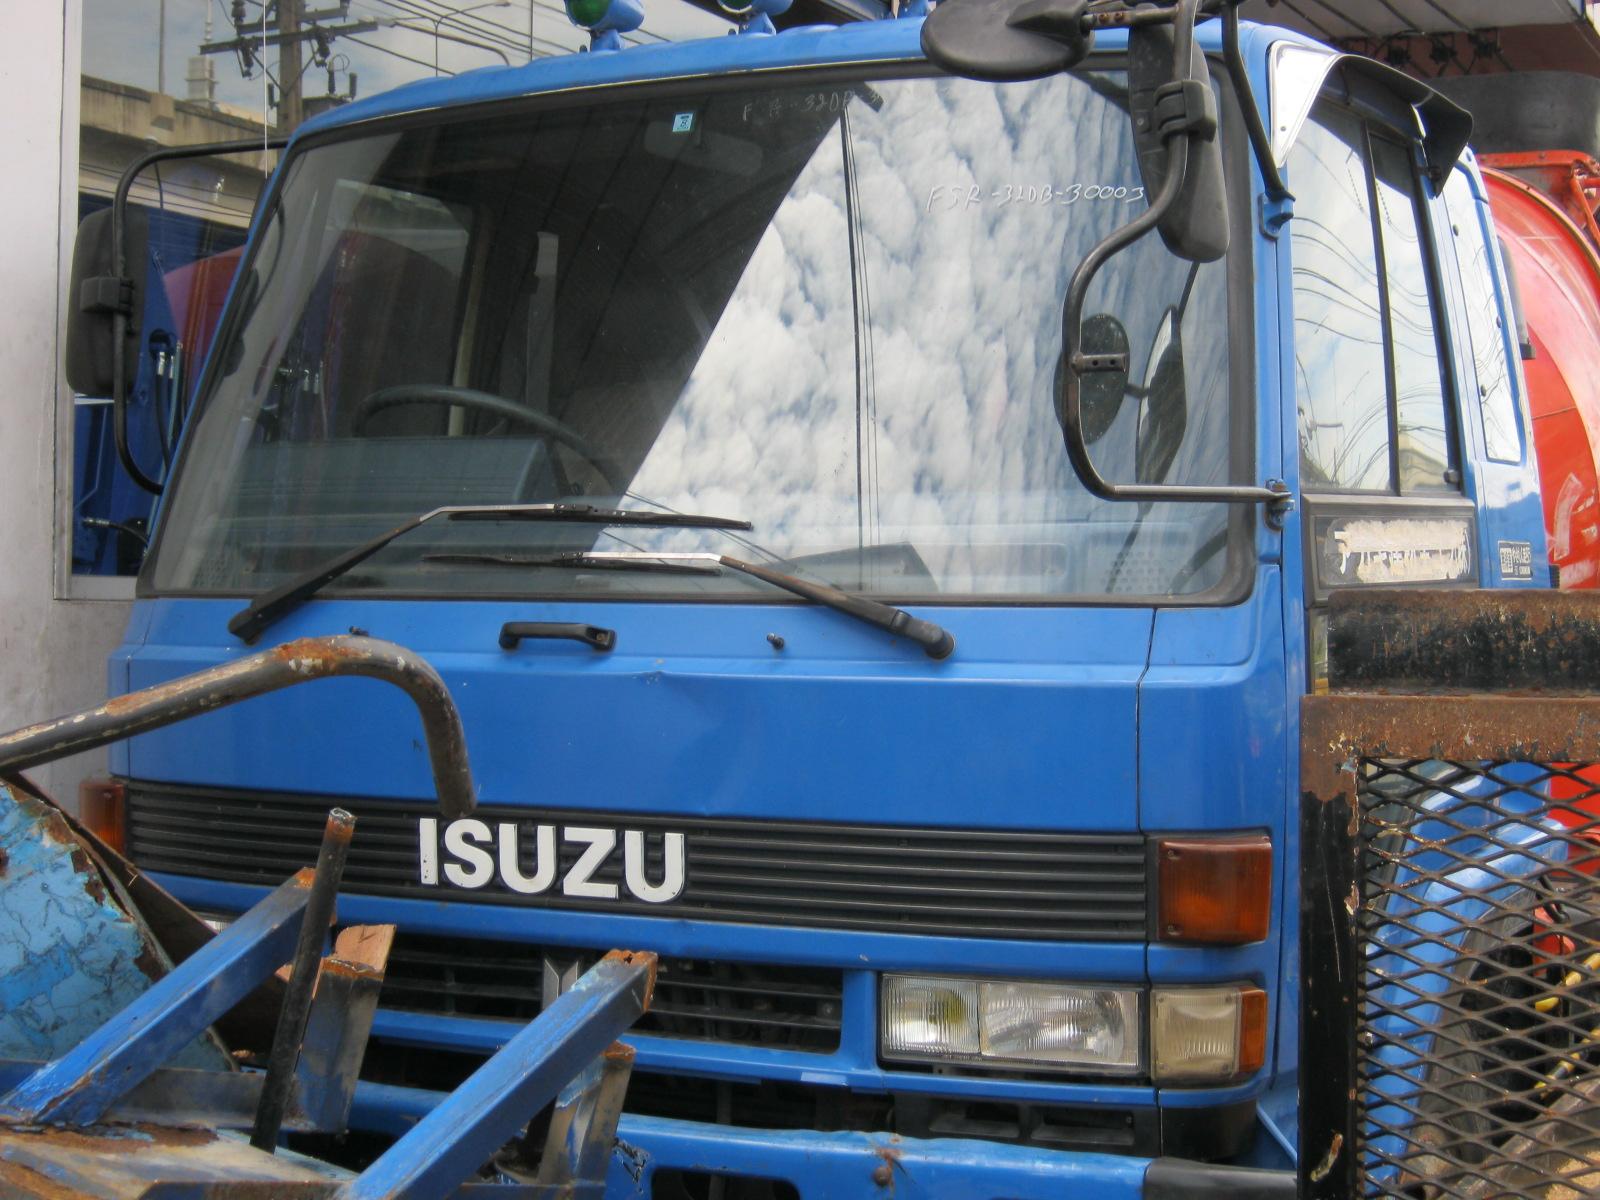 รถโม่ผสมปูนคอนกรีตมือสอง ISUZU mixer truck